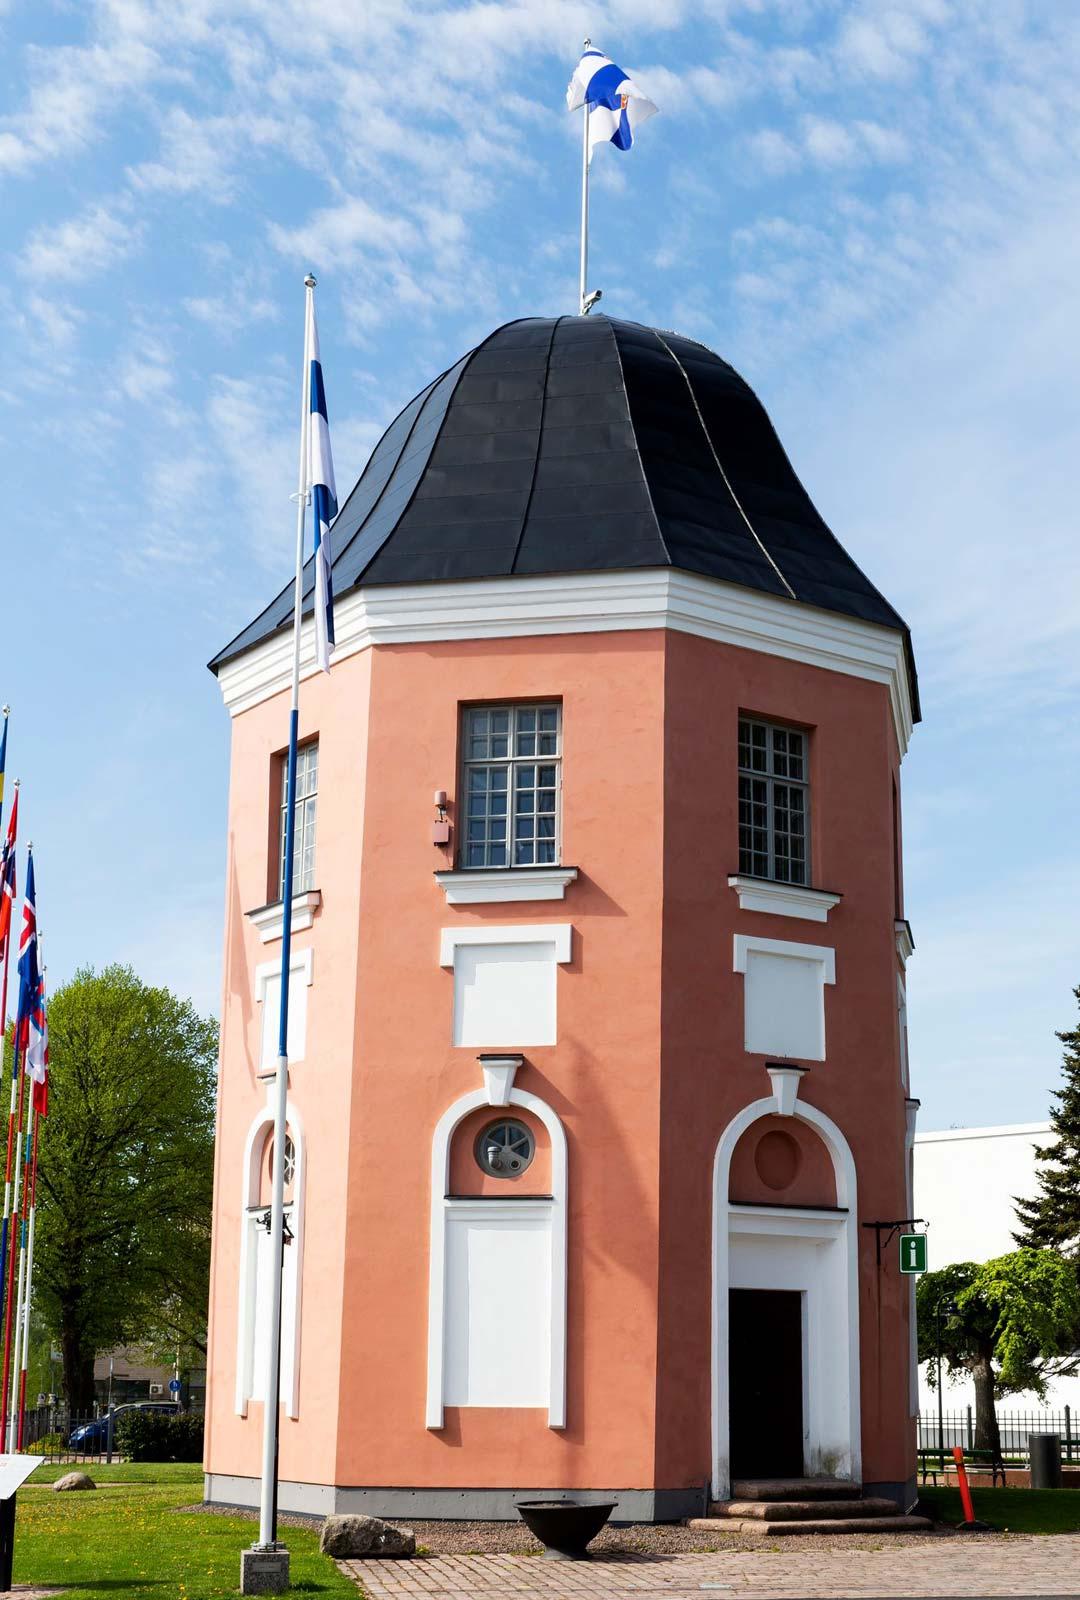 Torin laidalla sijaitseva Lipputorni palvelee Haminan kaupungin kesäinfopisteenä kesä-elokuussa.